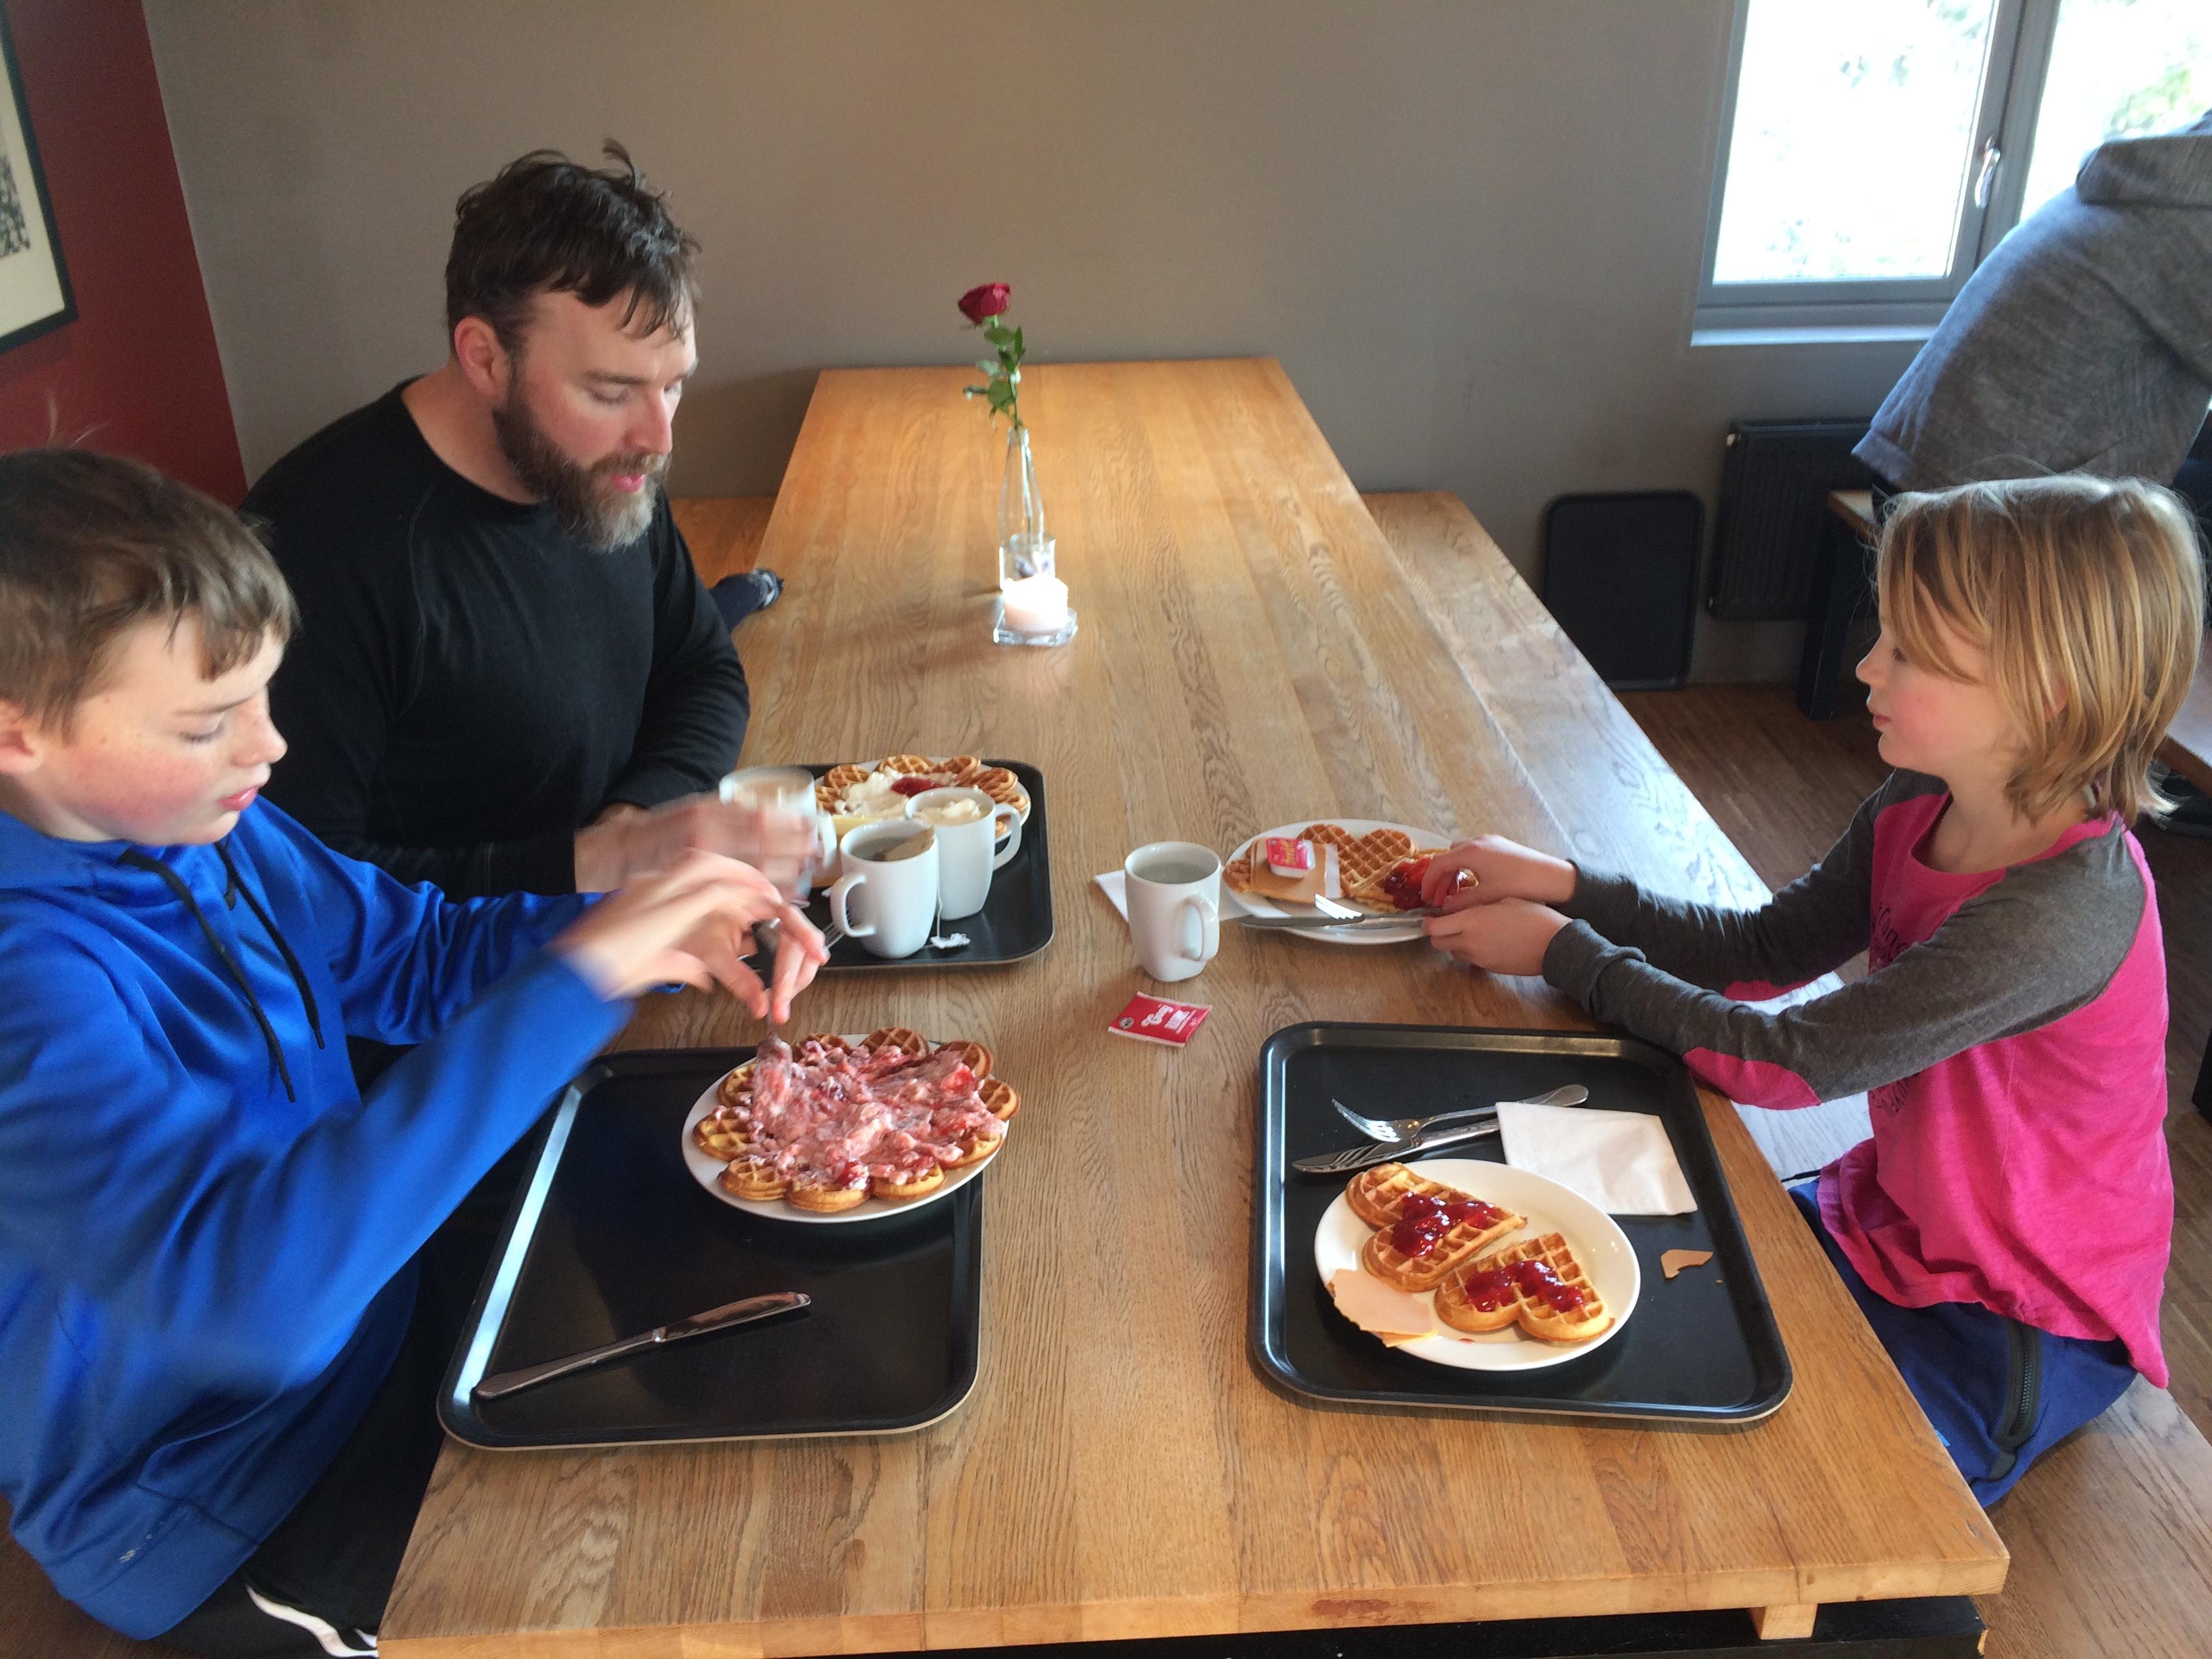 Oregon Keto Kids - Ketogenic Diet for EpilepsyOregon Keto Kids | Ketogenic Diet for Epilepsy